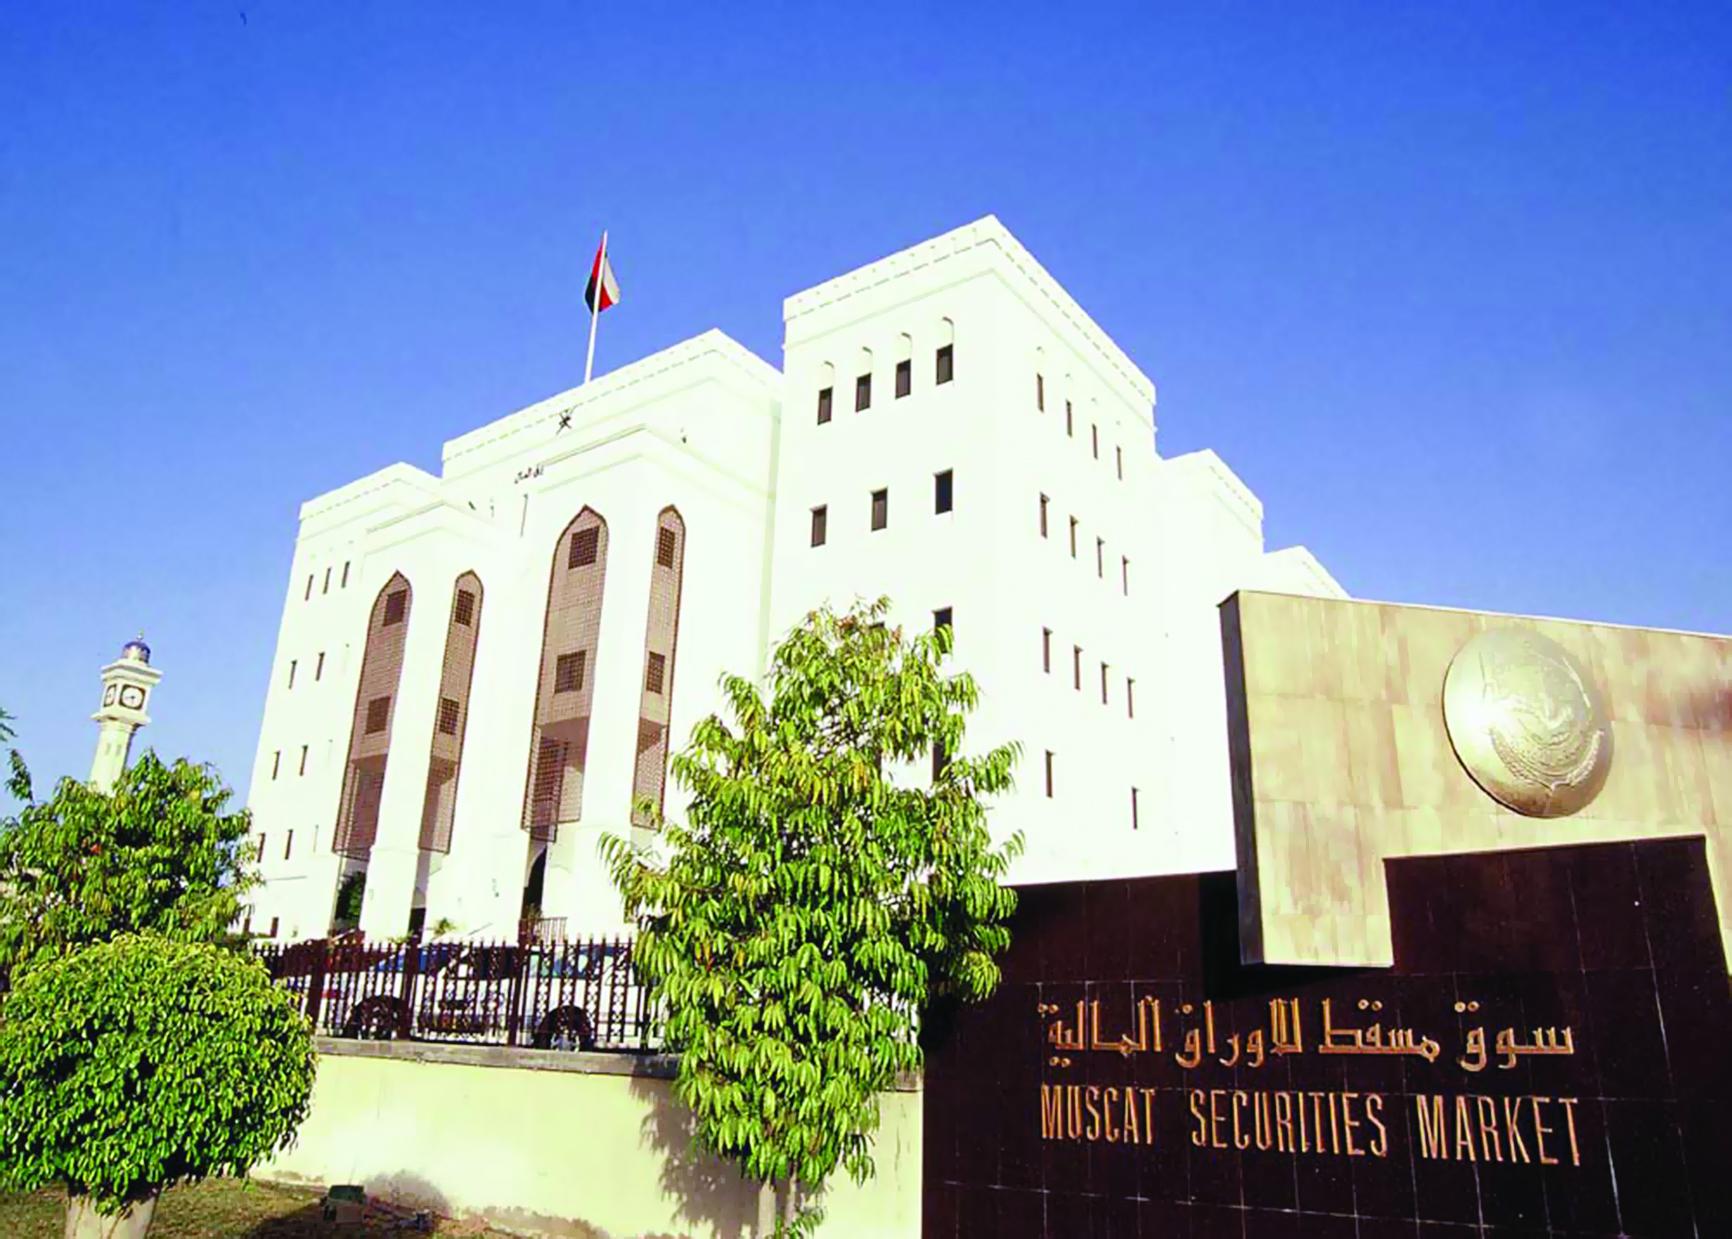 494 مليون ريال عماني  تداولات سوق مسقط بنهاية مايو الفائت